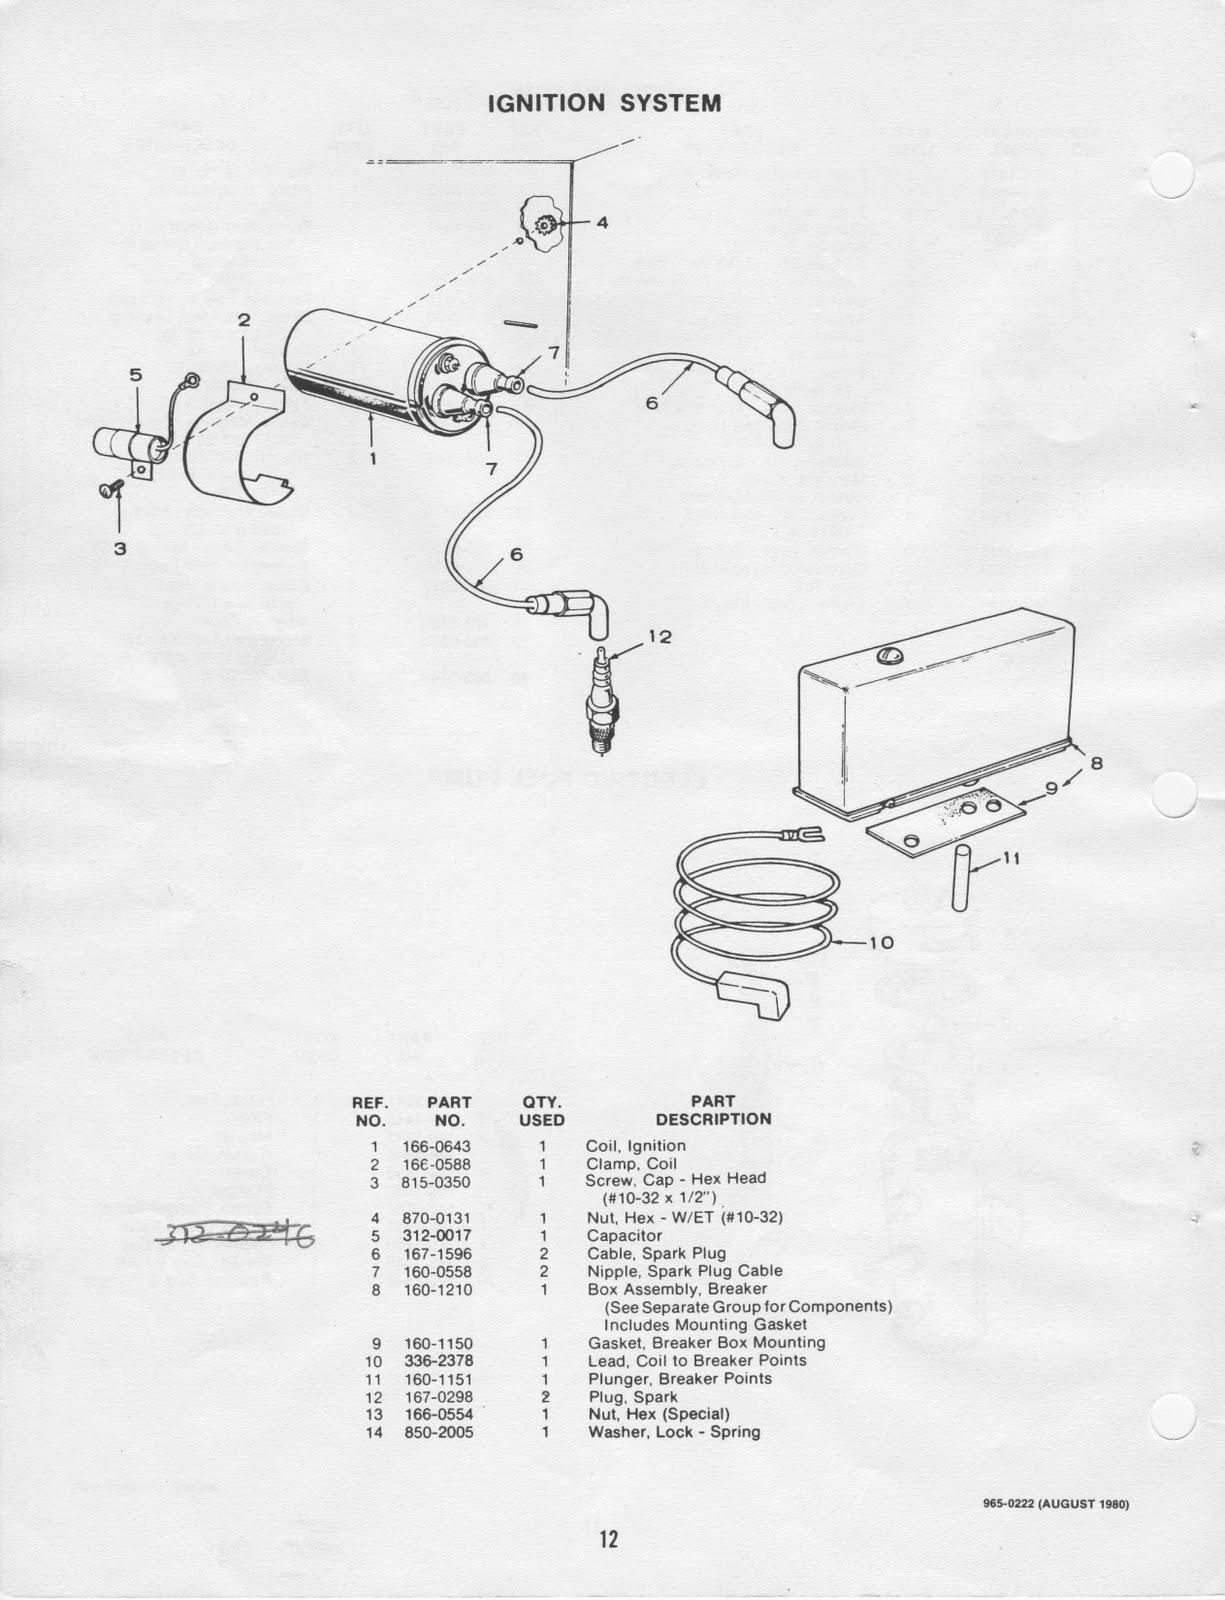 1983 fleetwood pace arrow owners manuals  onan bfa rv genset parts manual